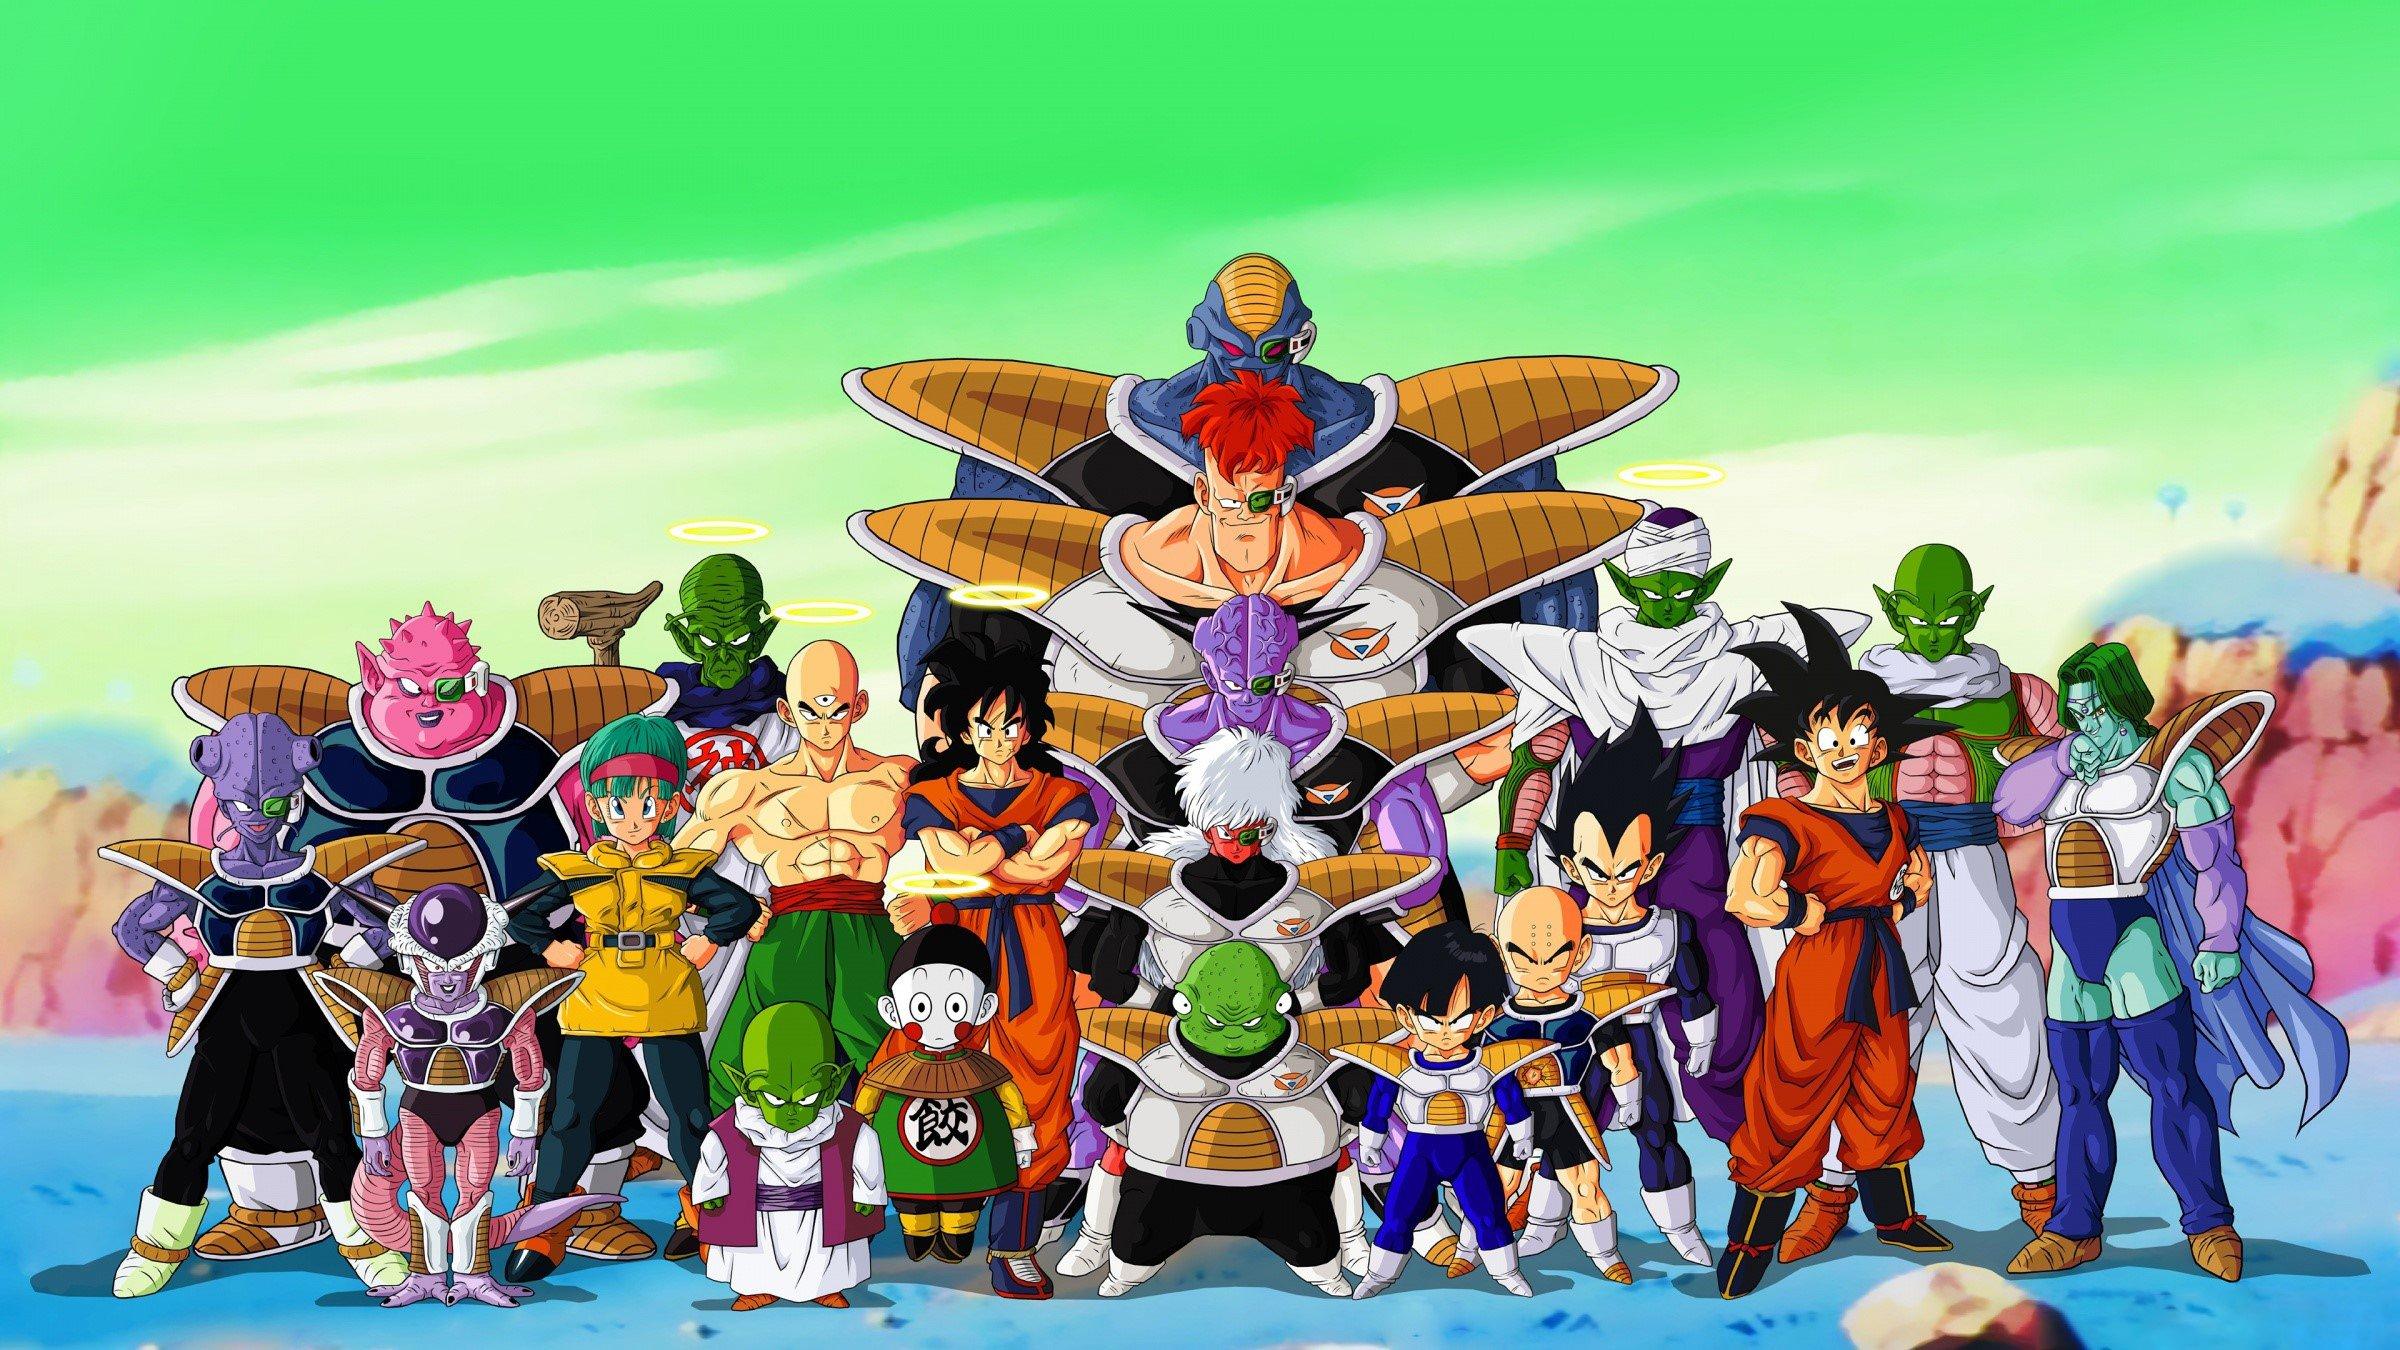 Fondo de pantalla de Personajes de Dragon Ball Z Imágenes